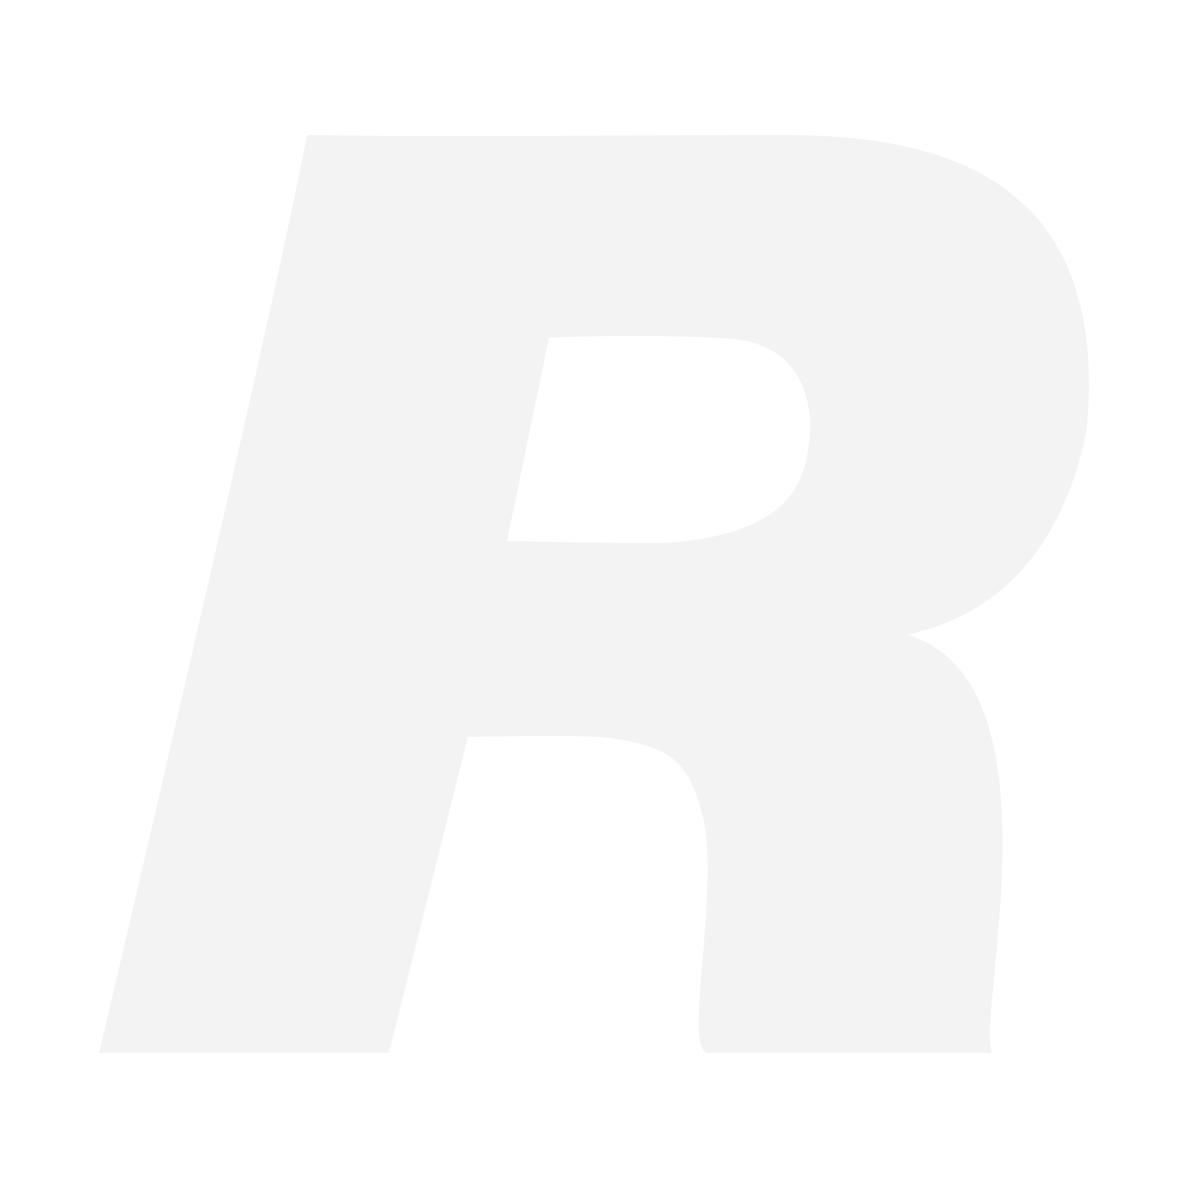 VOIGTLÄNDER LEICA-M SUPER WIDE HELIAR 15mm f/4.5 + ETSIN KÄYTETTY